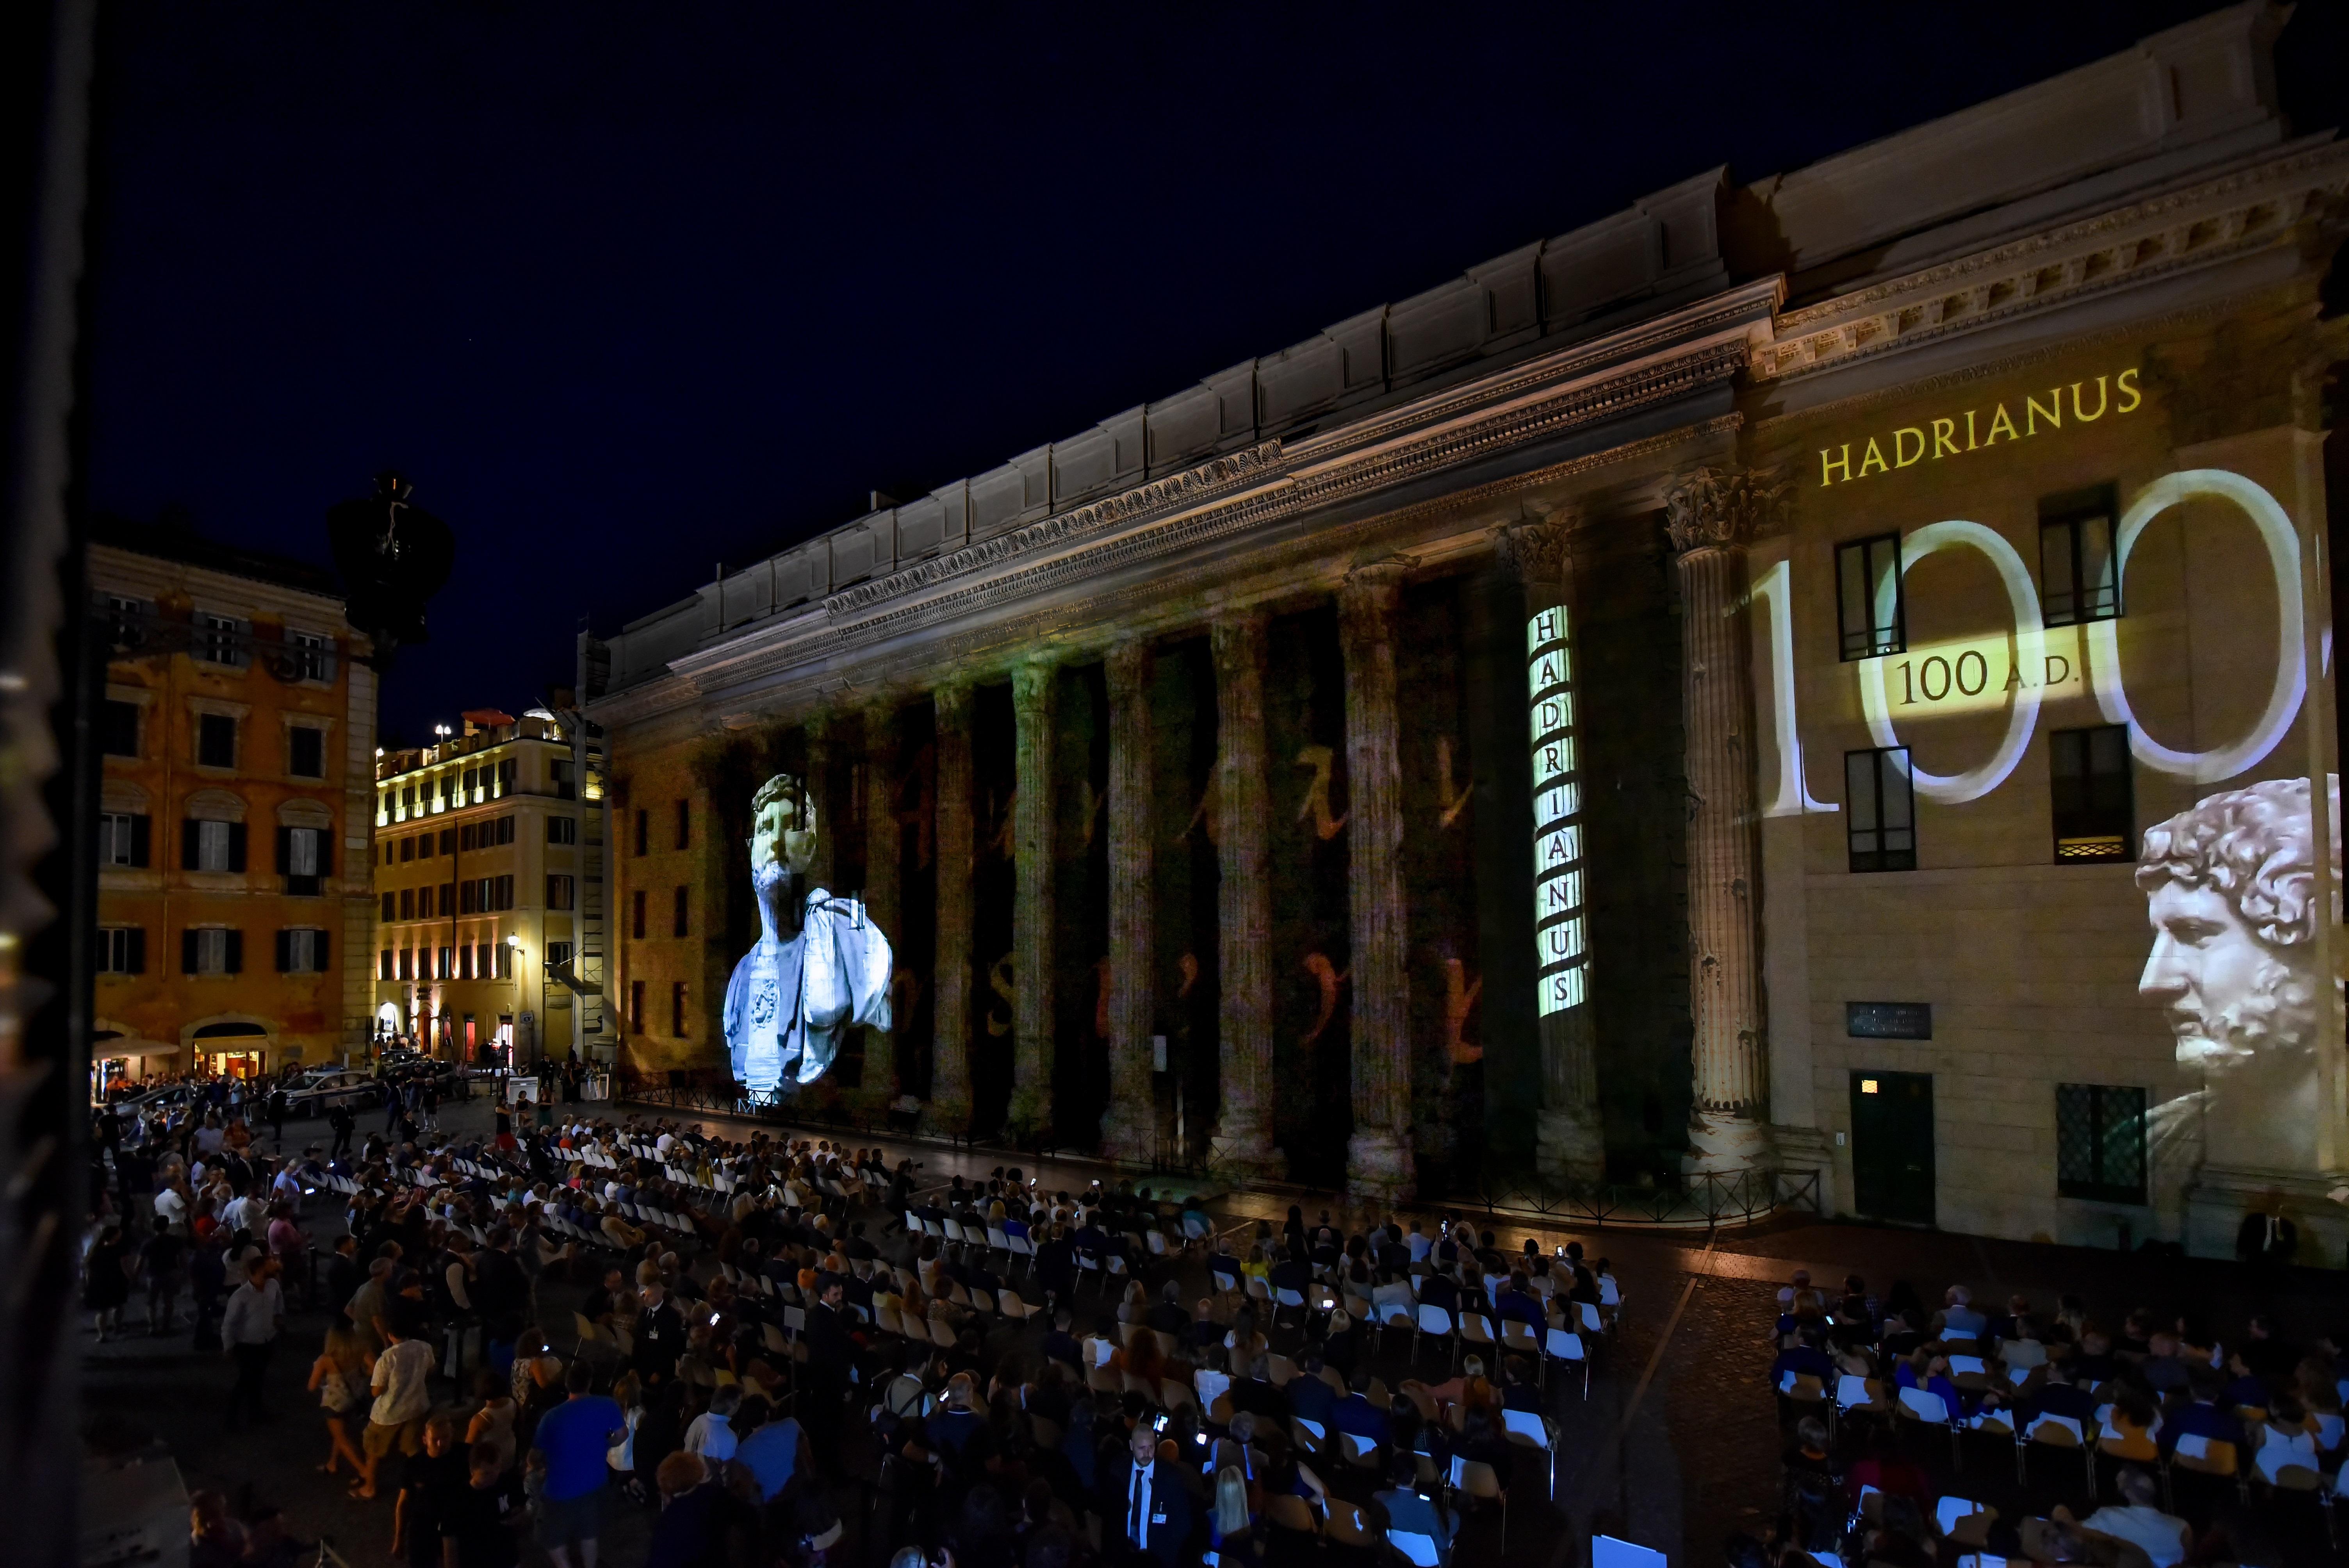 02f46aefec ... Piazza di Pietra durante la proiezione dello spettacolo Luci su Adriano